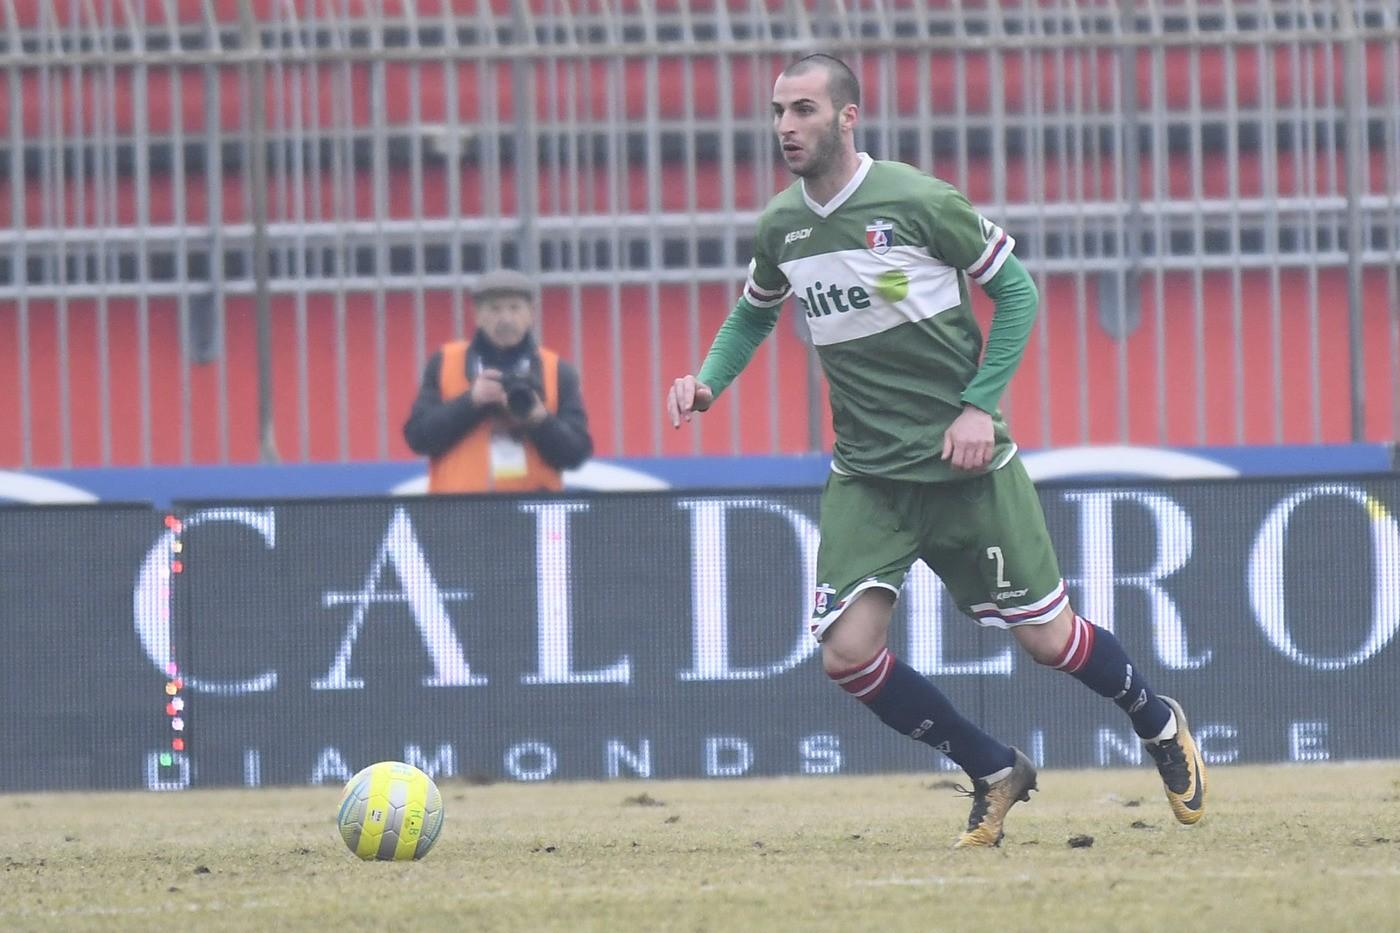 Matteo Cogliati/LaPresse